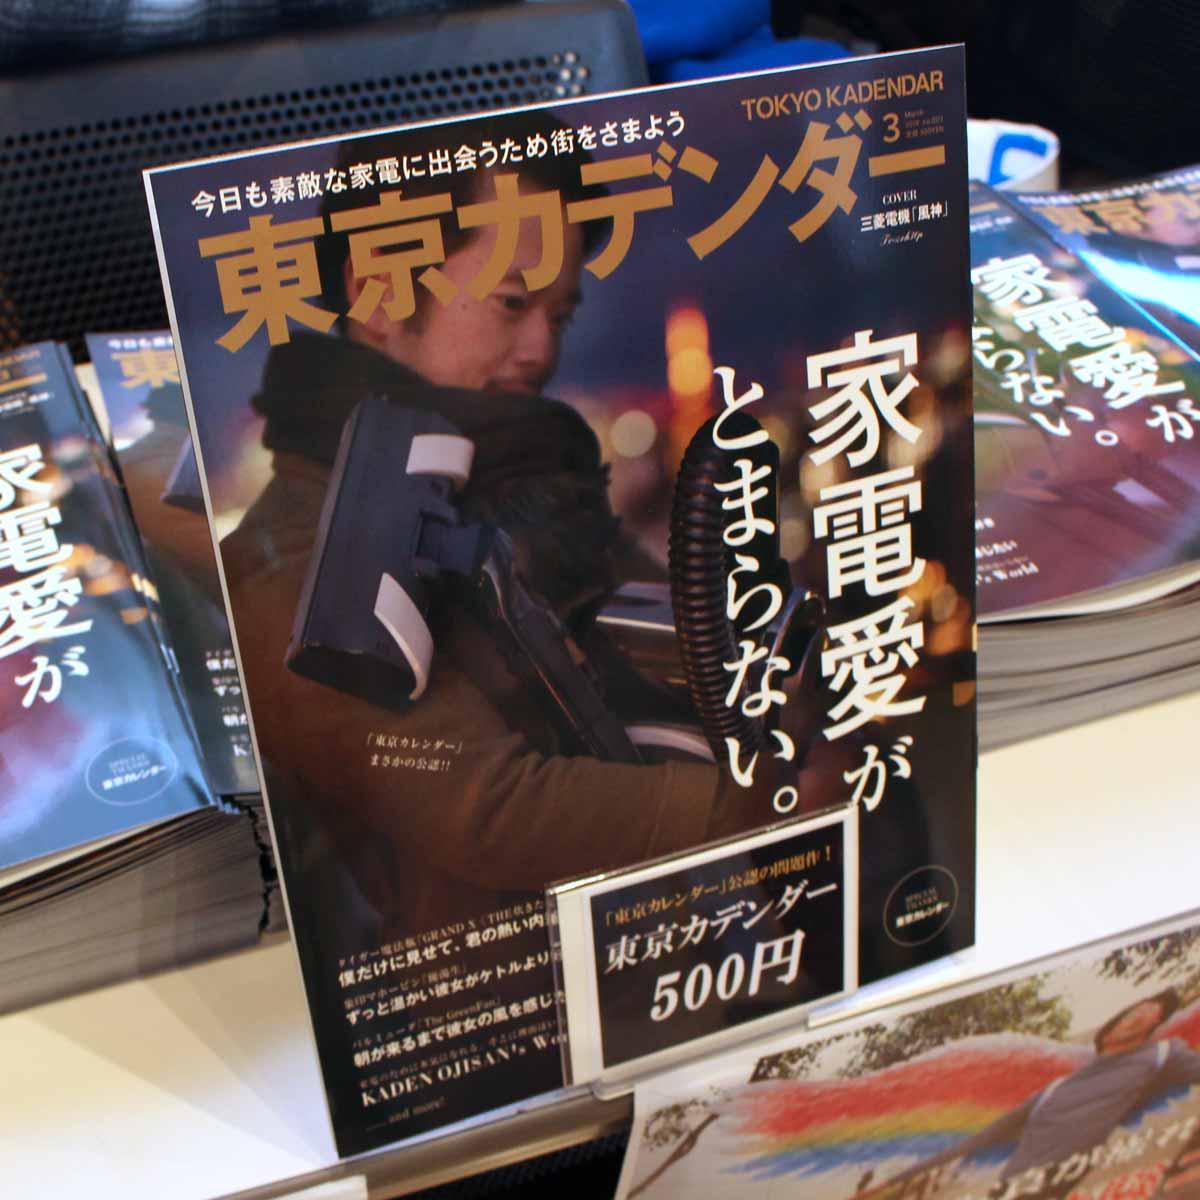 【報告】家電の同人誌「東京カデンダー」130冊売れました! ウェブメディアびっくりセール万歳